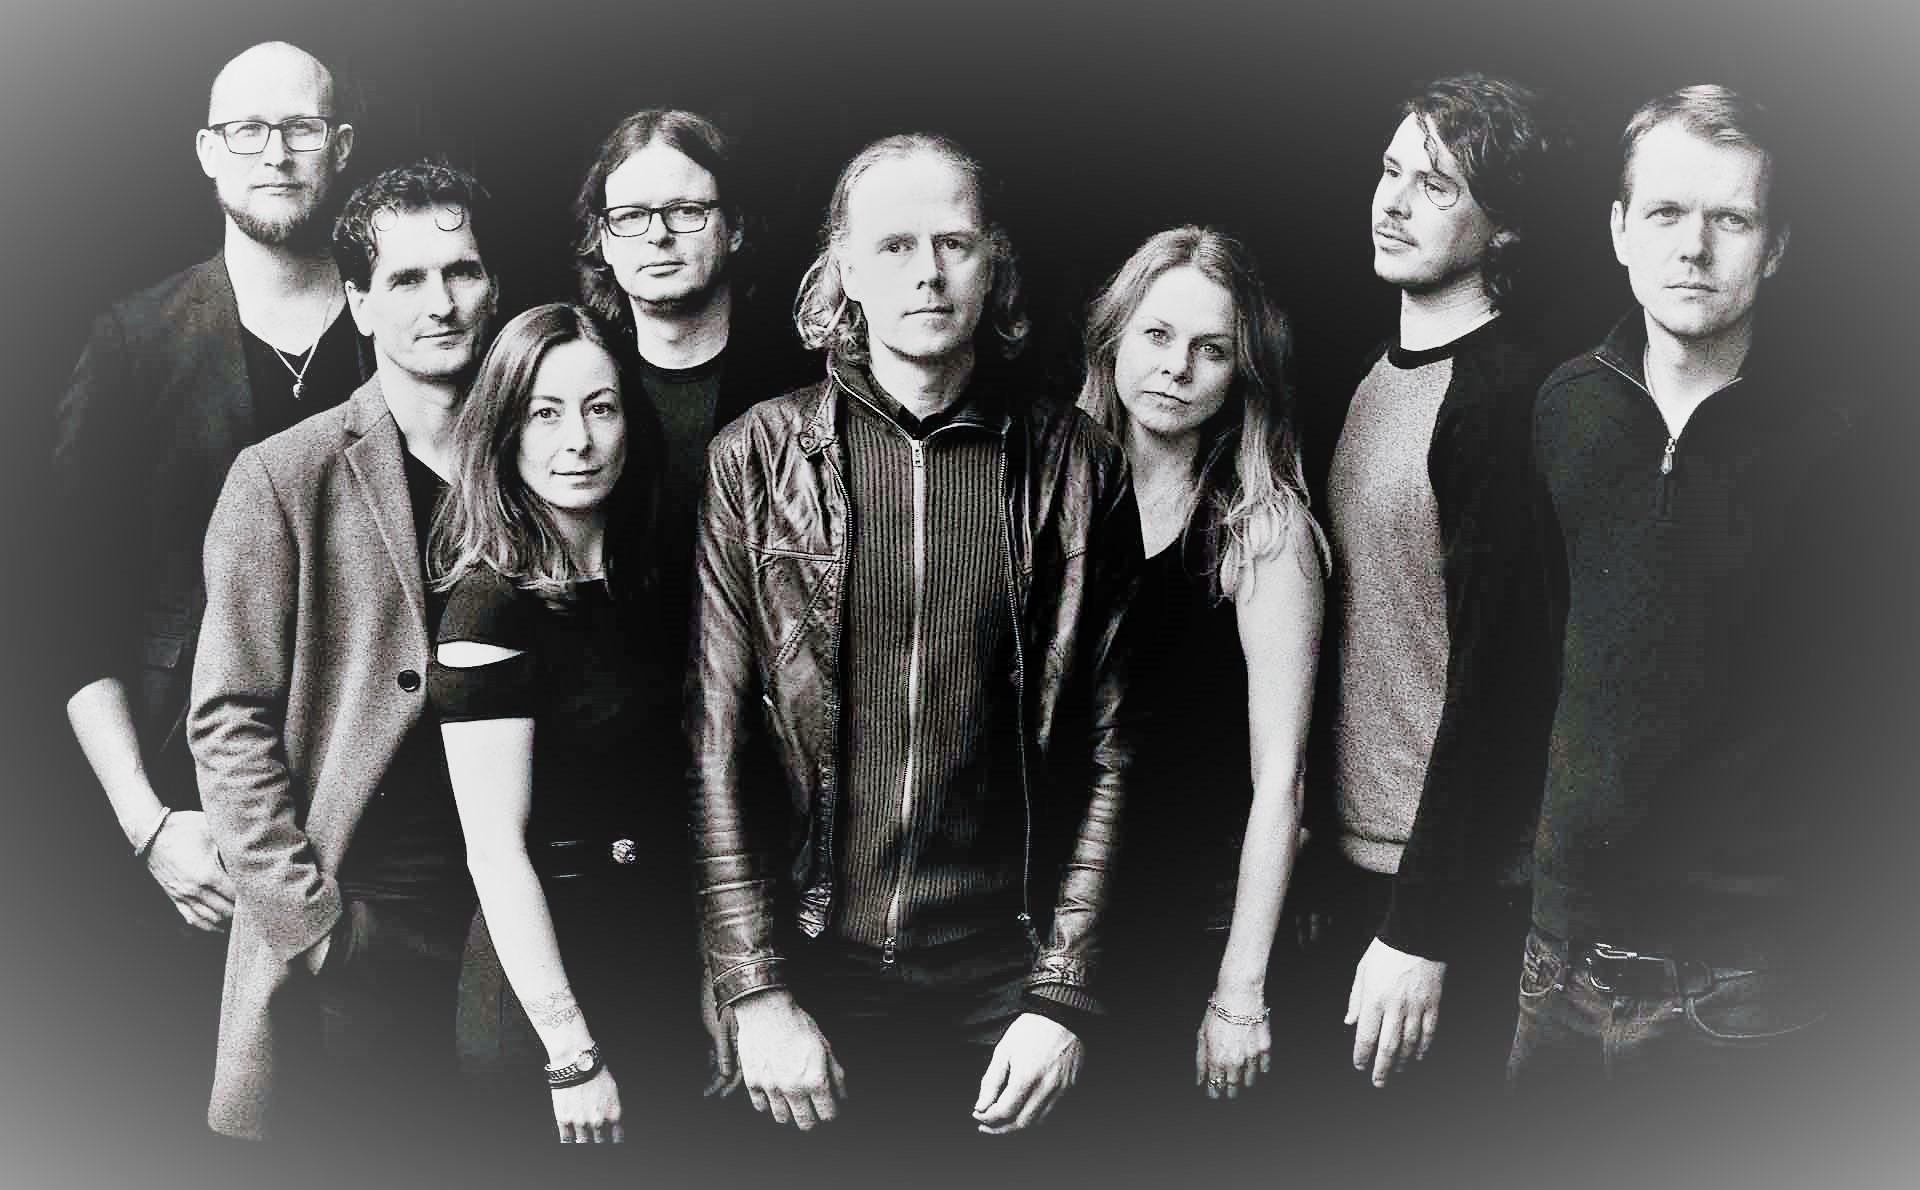 Klerkx & The Secret en Sharp Band bij The Shack